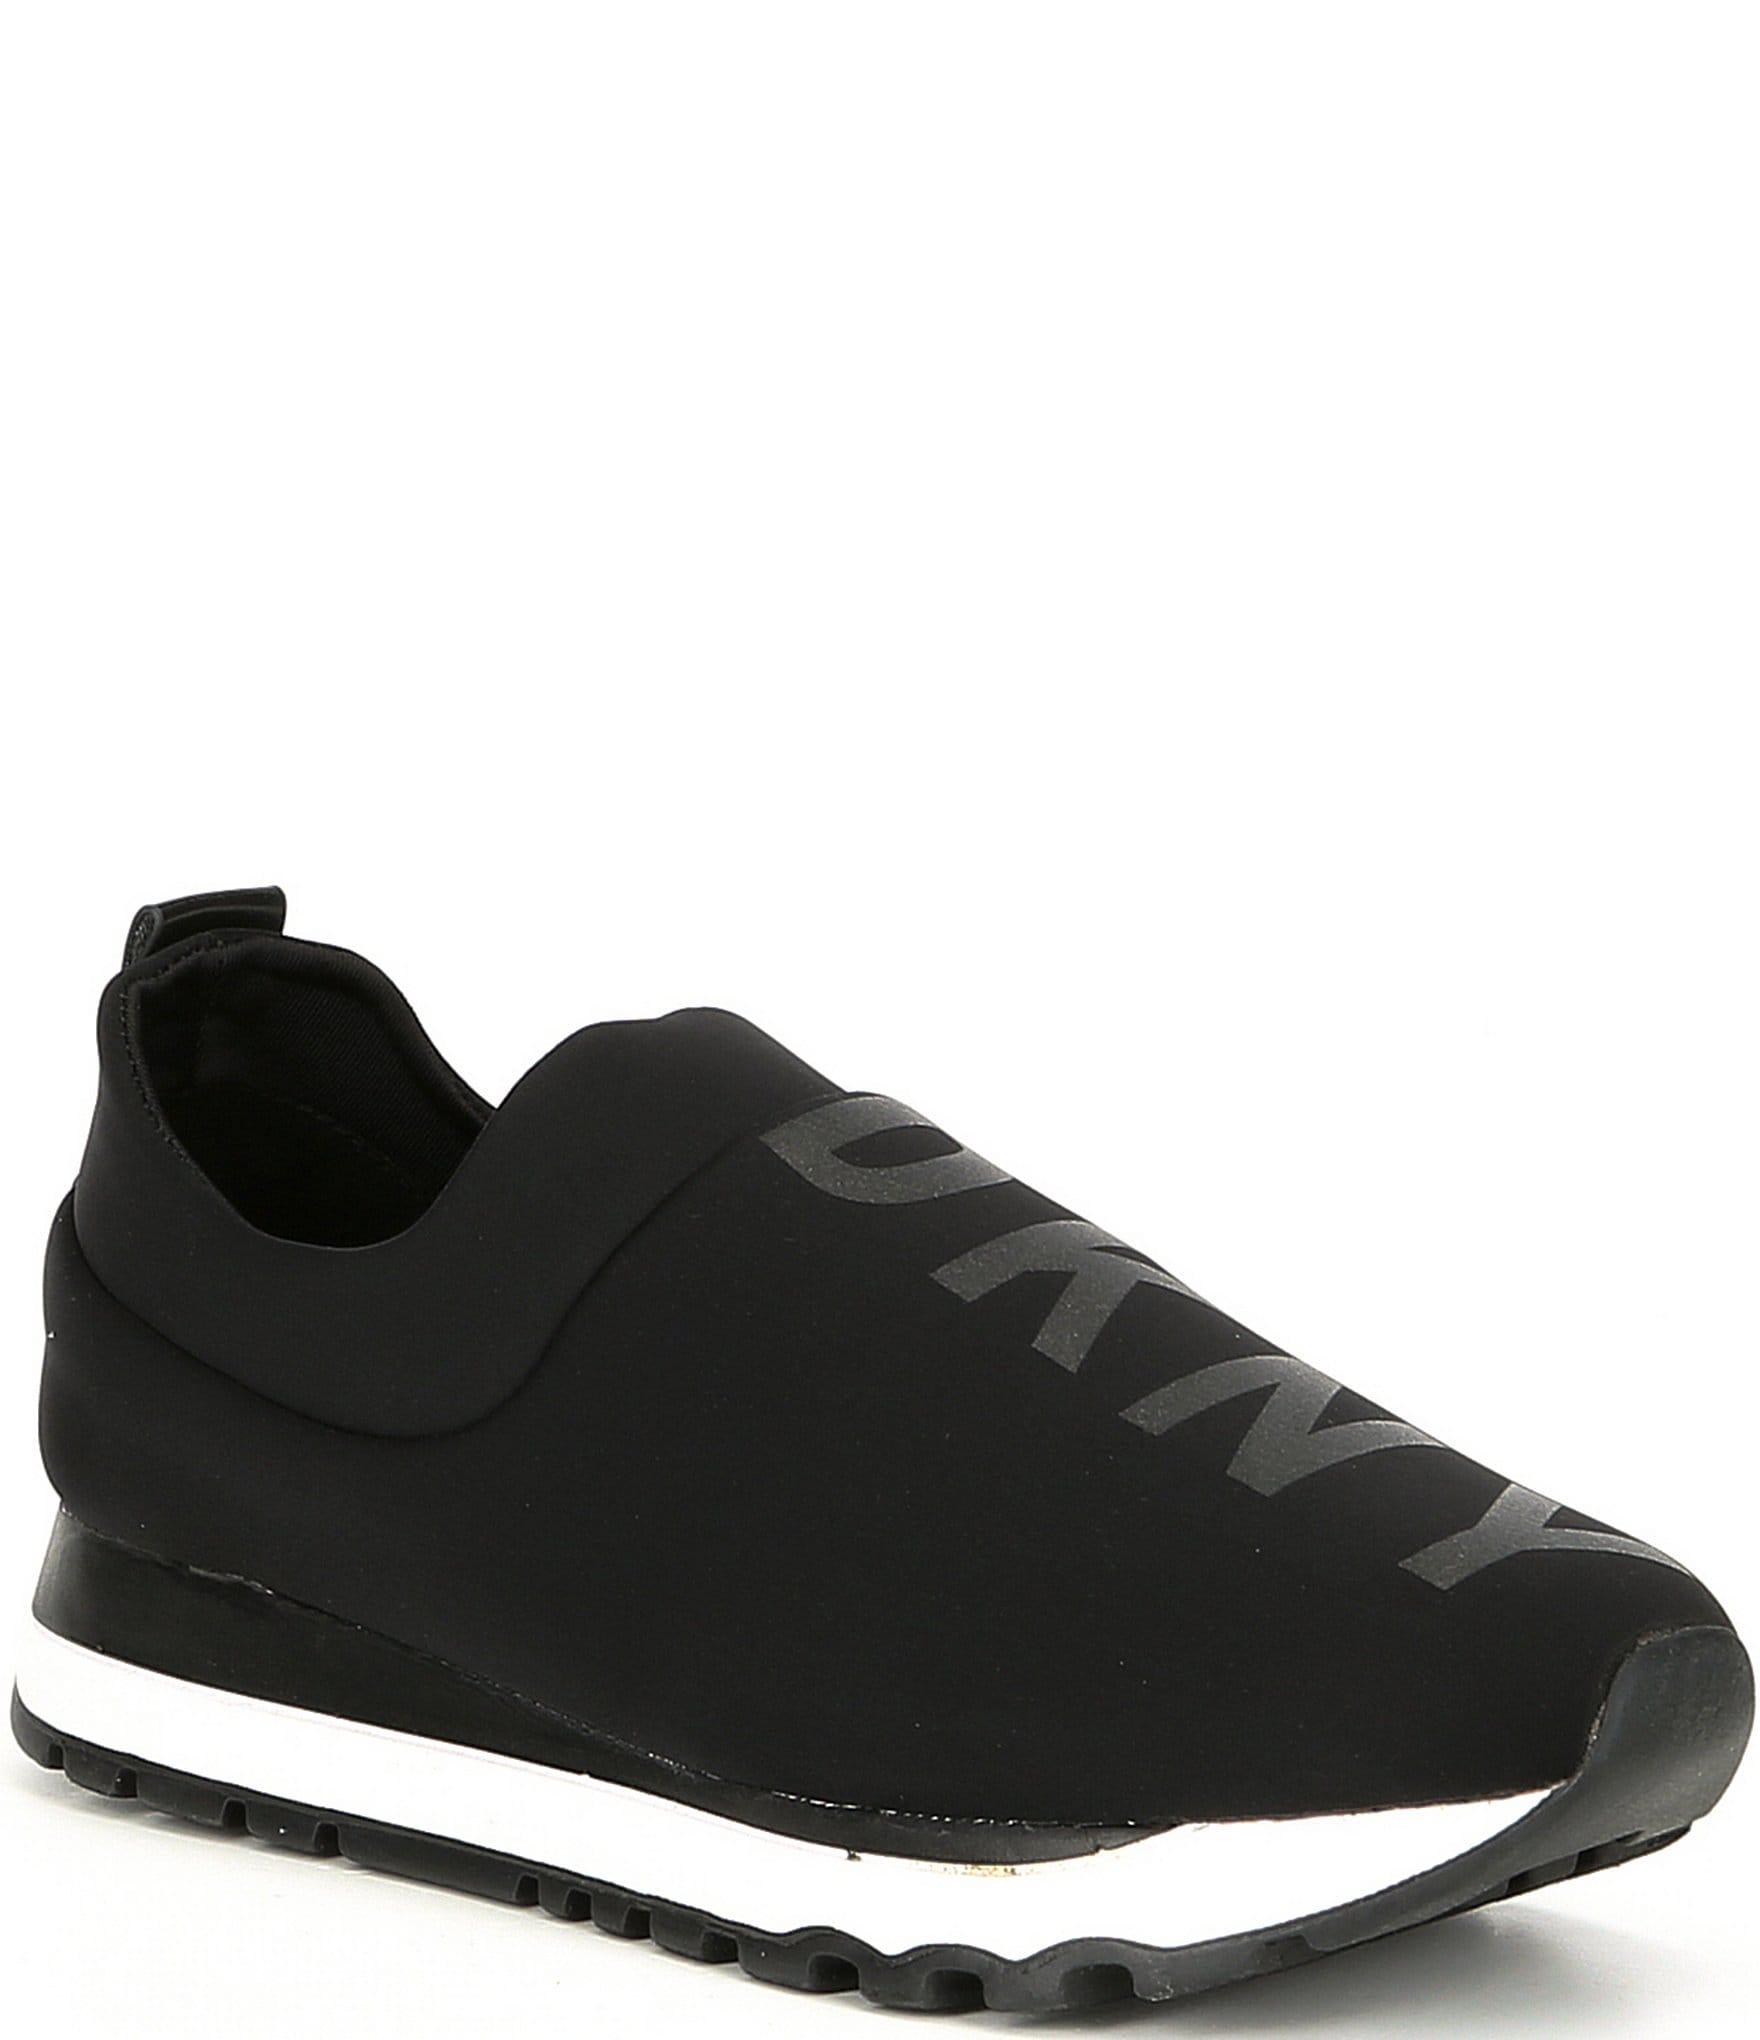 DKNY Slip-on Women's Sneakers | Dillard's